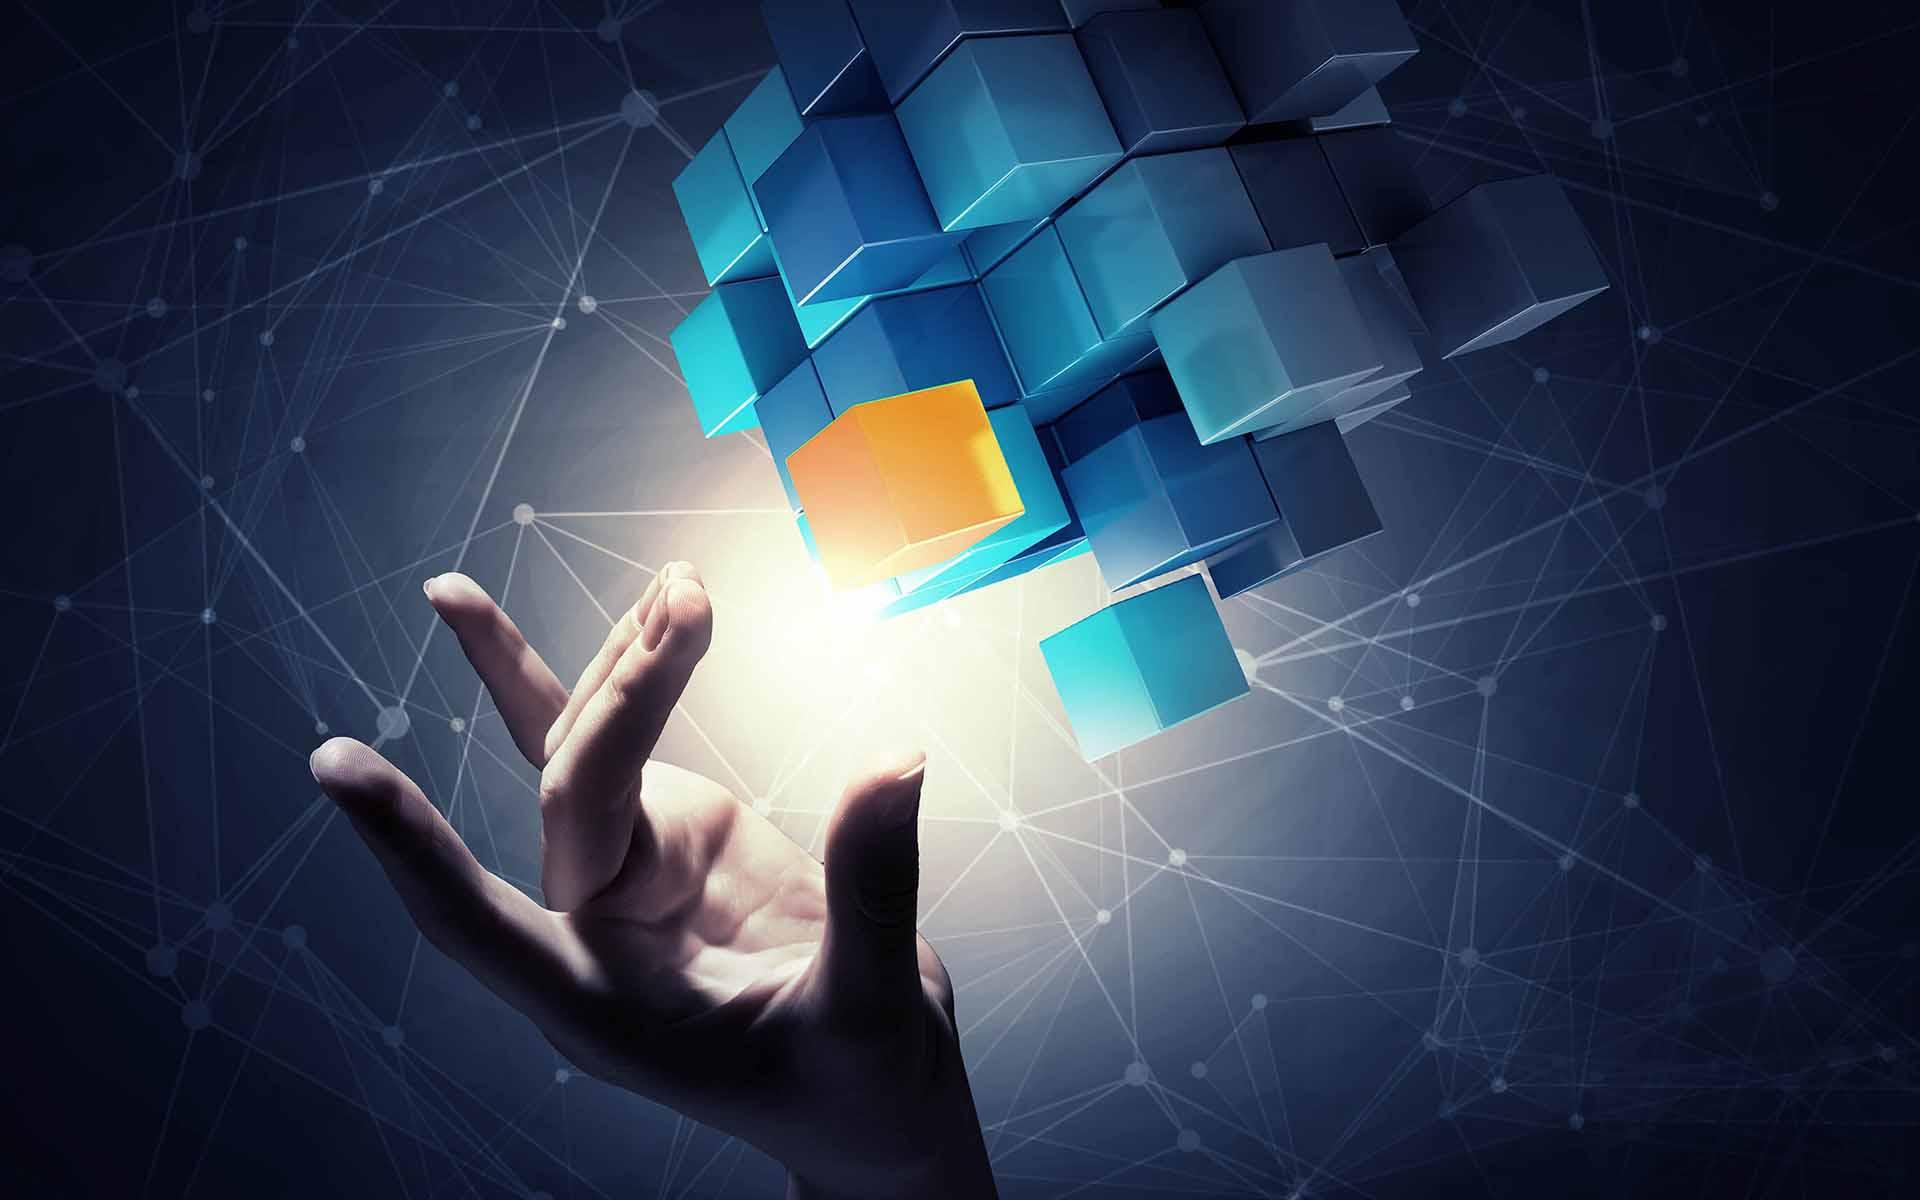 La tecnología blockchain y el nuevo poder de las relaciones humanas y la comunicación humana